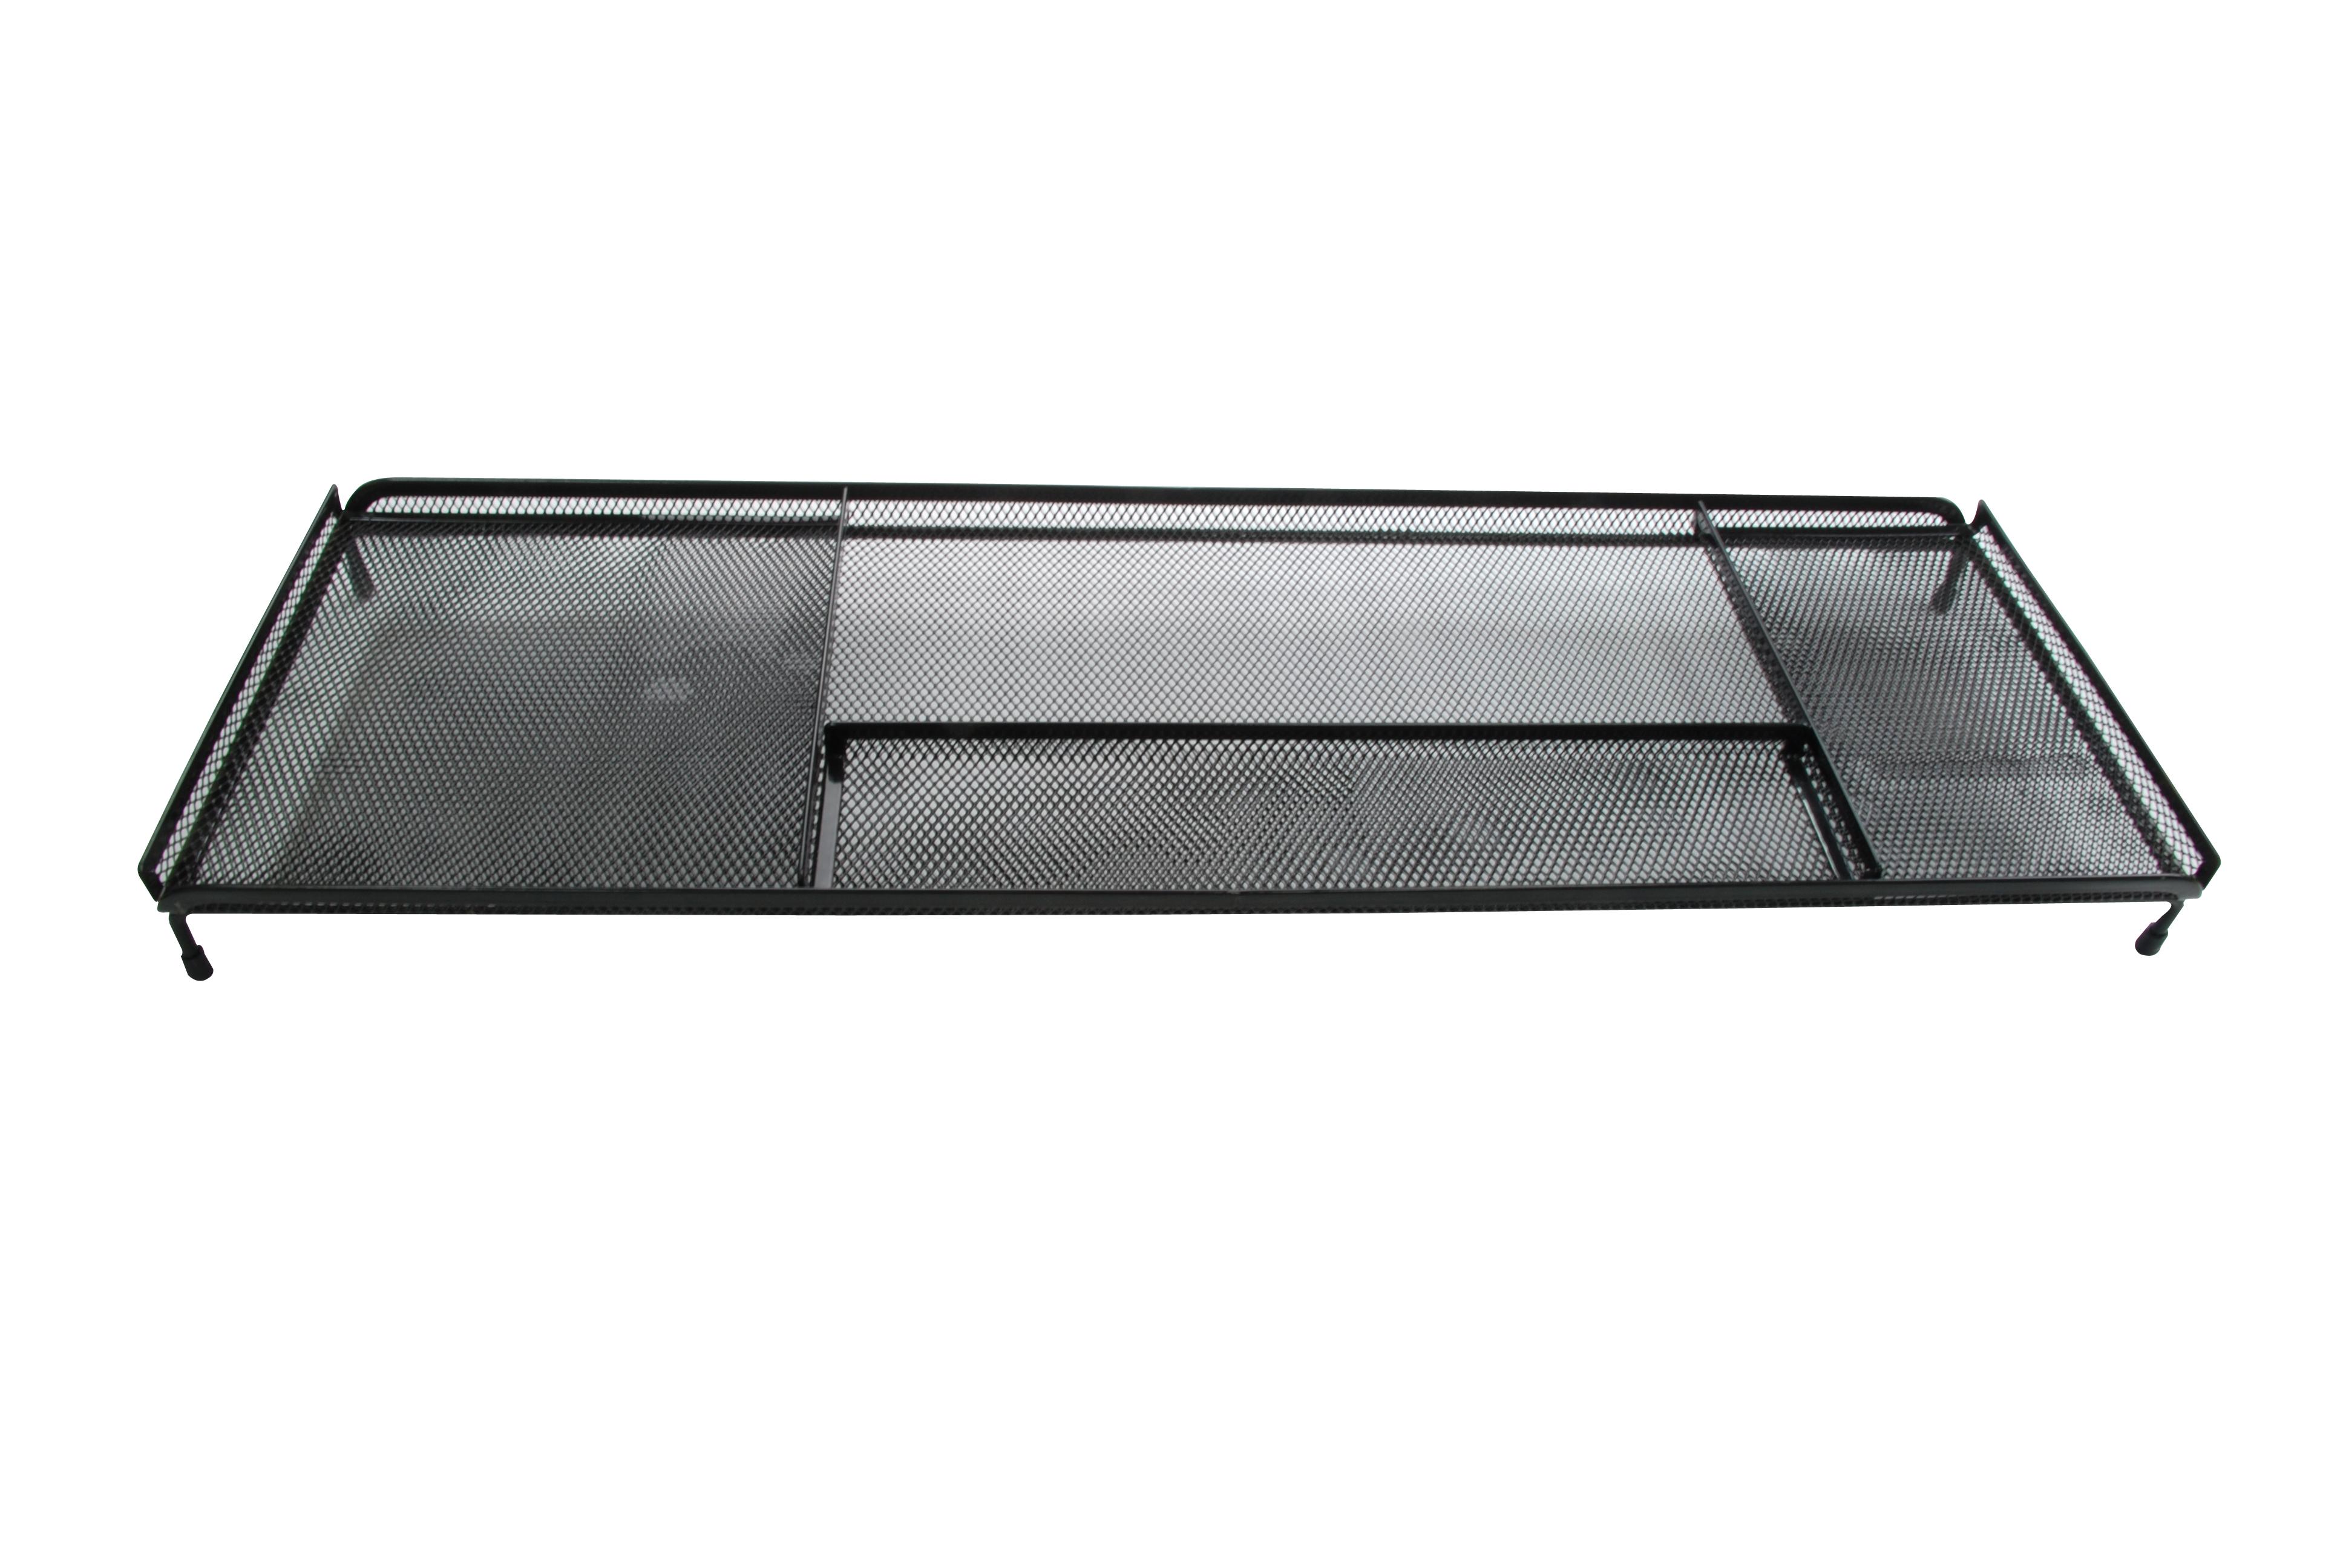 【凱樂絲】電腦桌辦公桌收納架 -4格收納區,可放置手機,筆,POST IT,文具用品 - 黑色網狀設計